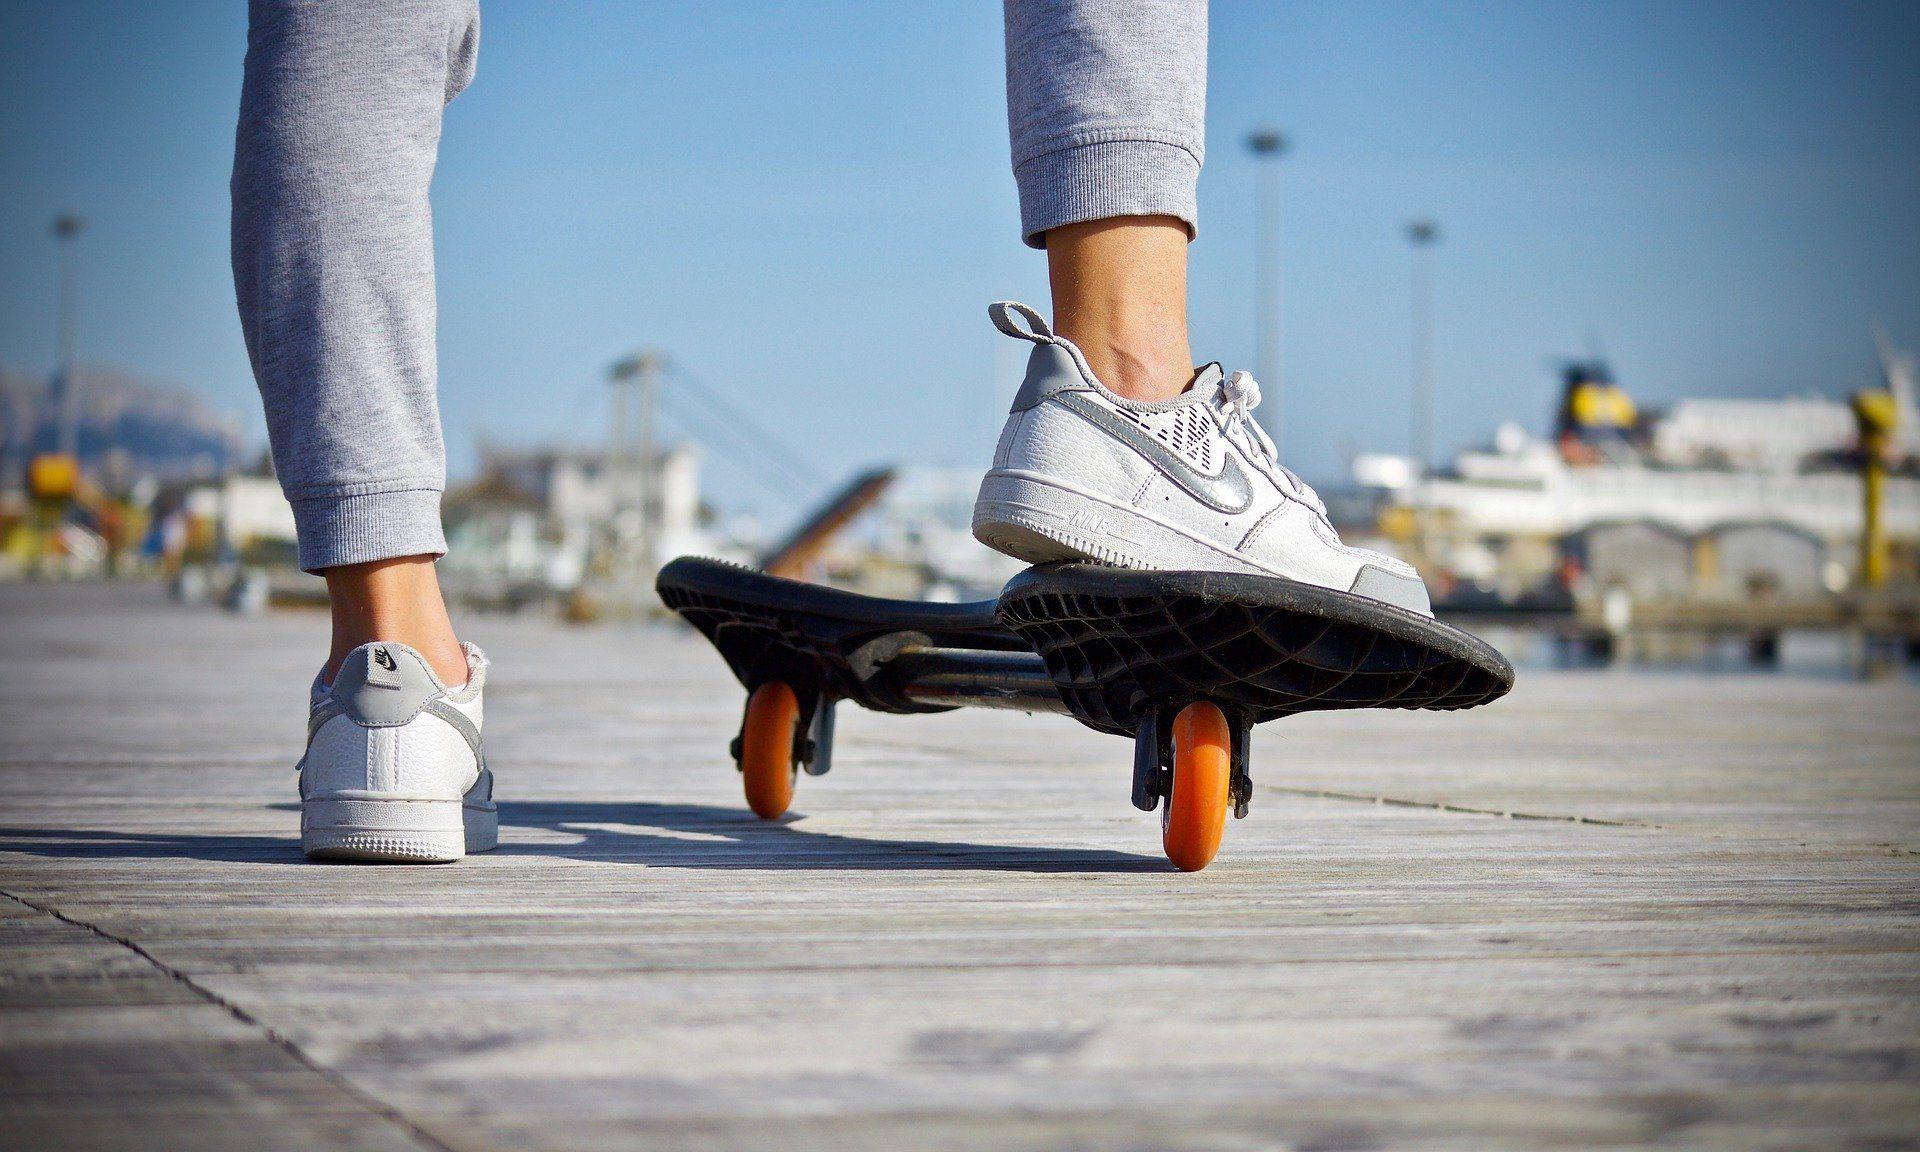 В Новороссийске ужесточают контроль за скейтерами, которые разрушают городское имущество